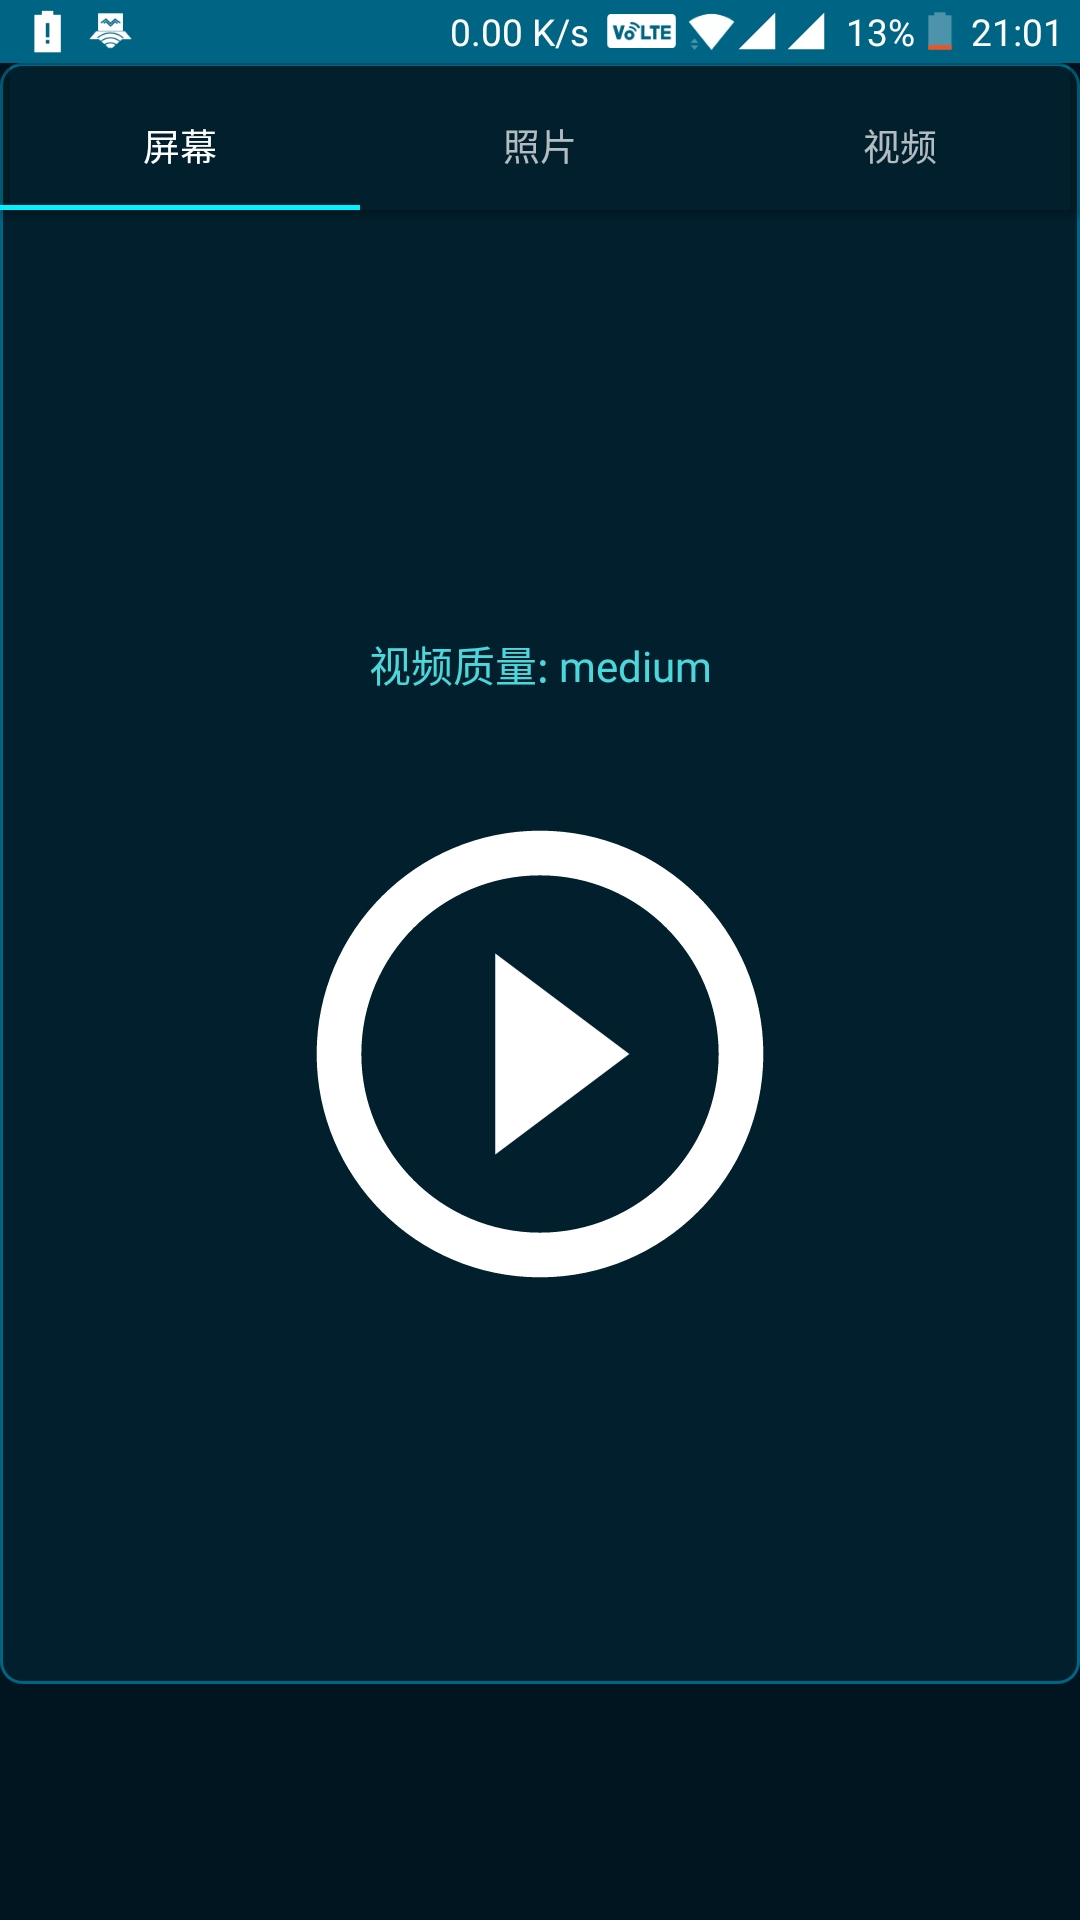 Screenshot_20171029-210156.jpg